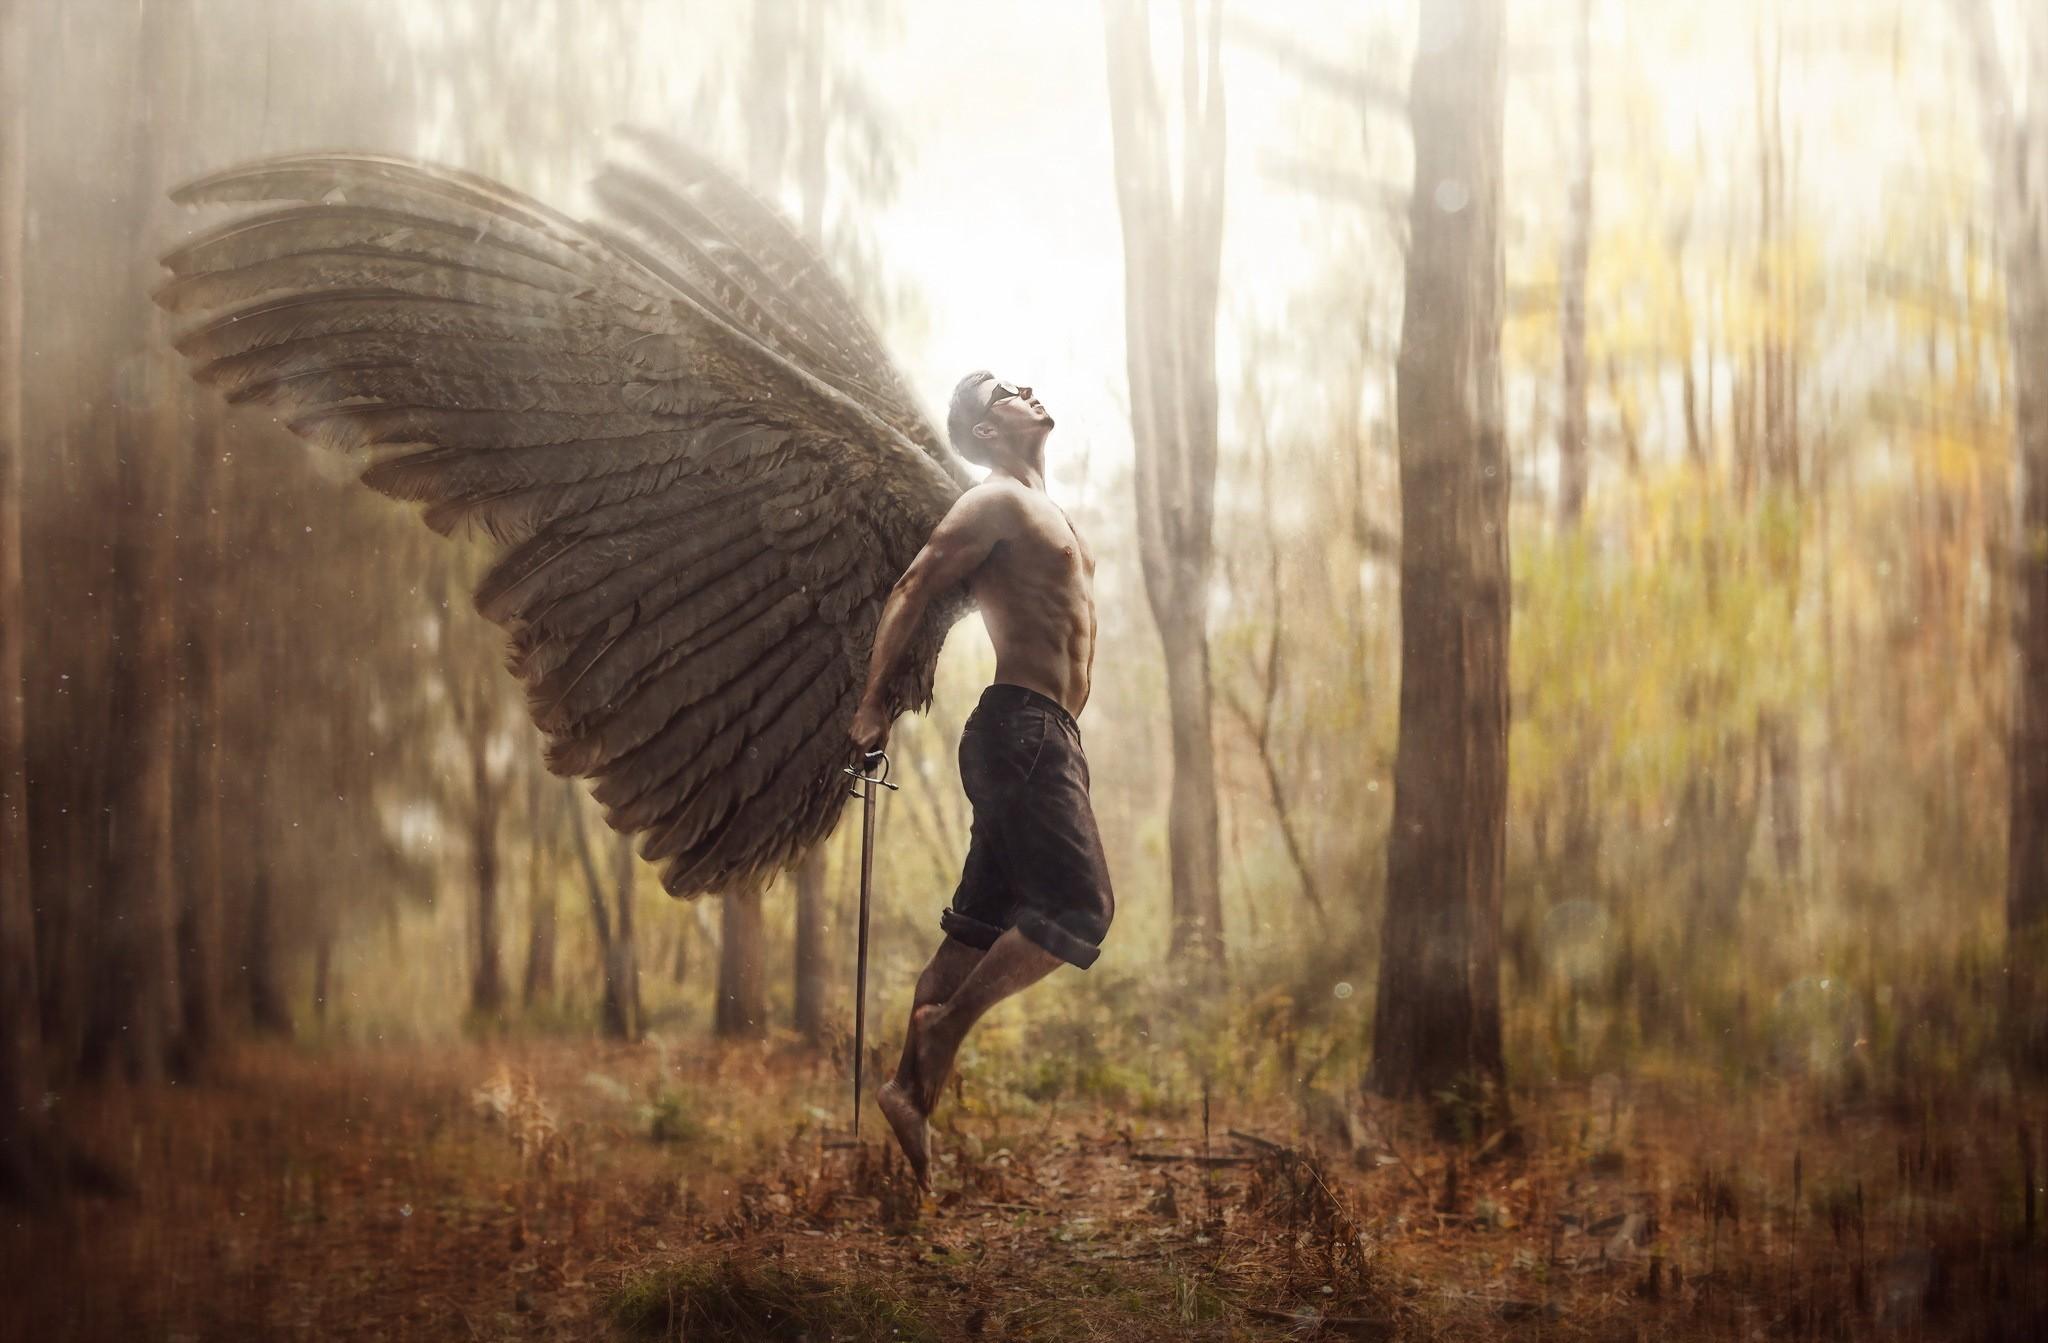 красивые места, фото человек с крыльями речку